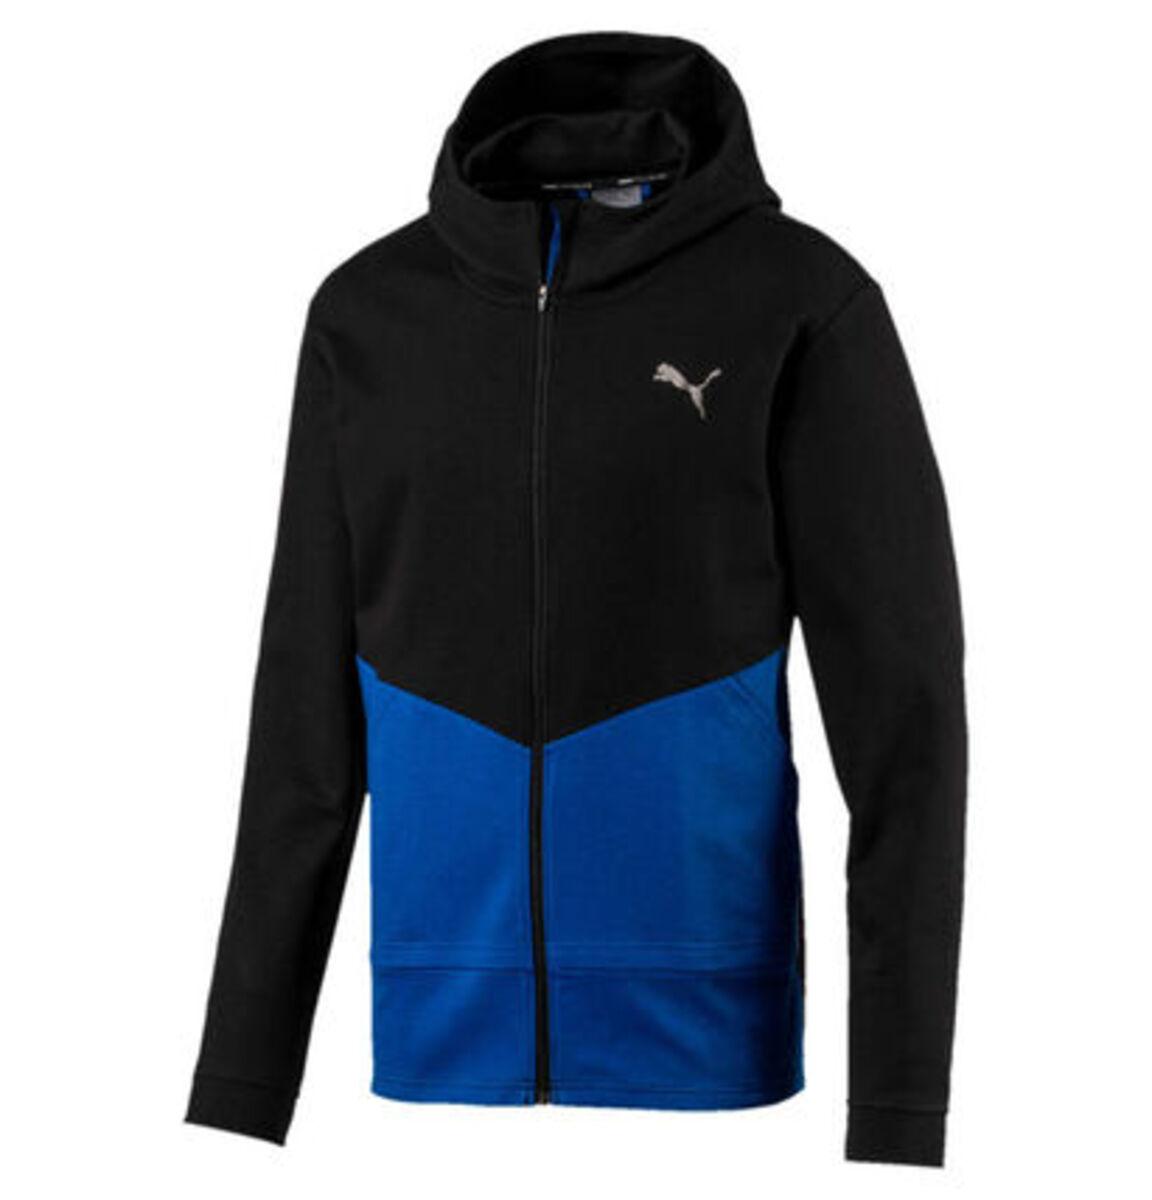 """Bild 4 von Puma Trainingsjacke """"Reactive FZ Jacket"""", für Herren"""